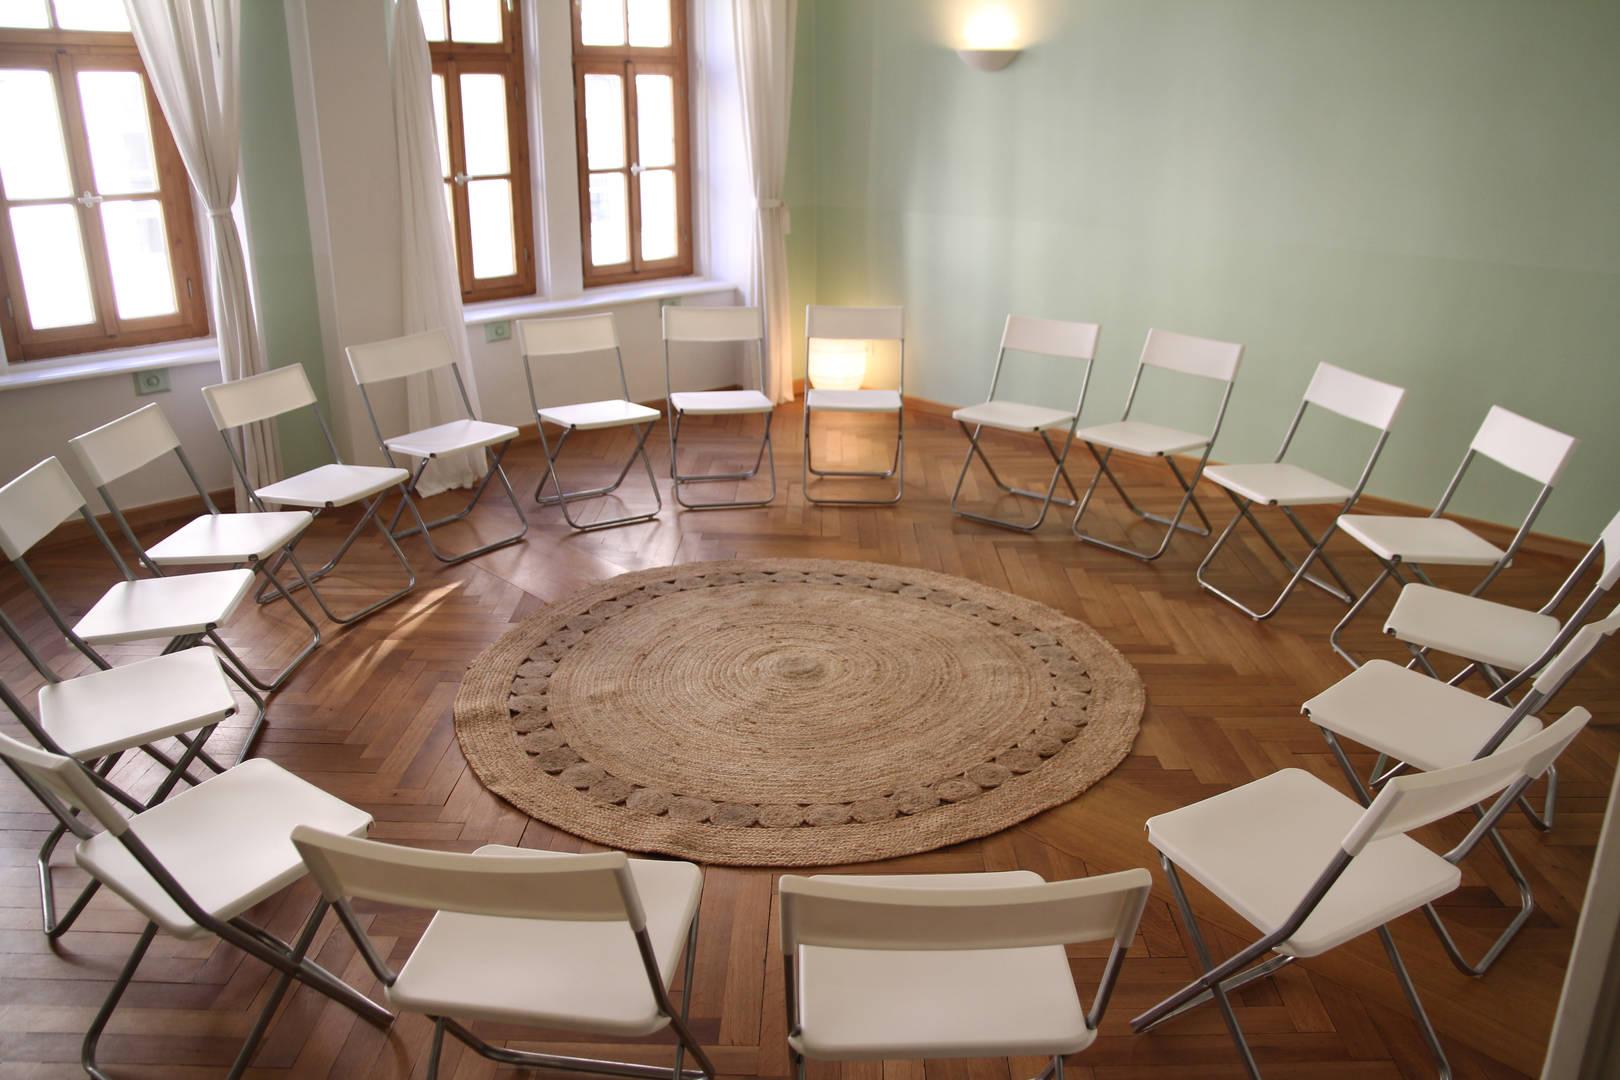 Stühle im Kreis aufgestellt